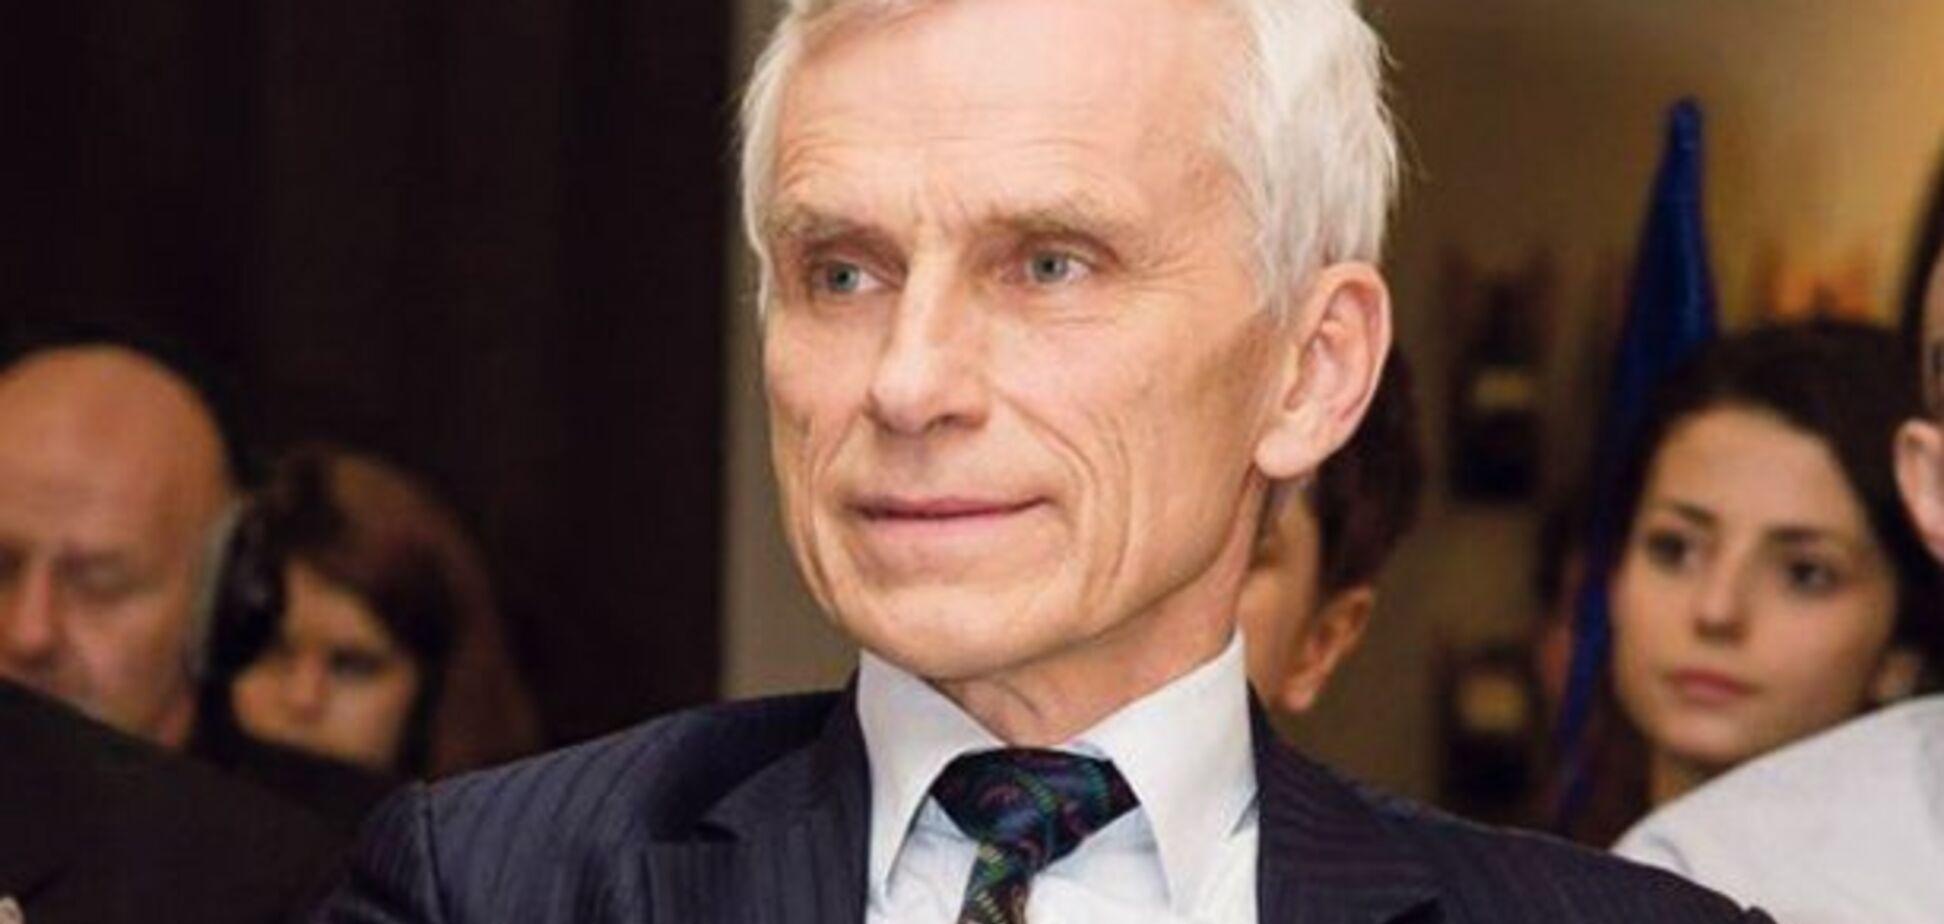 Куратором бизнеса у Зеленского станет экс-мэр Варшавы: что об этом известно